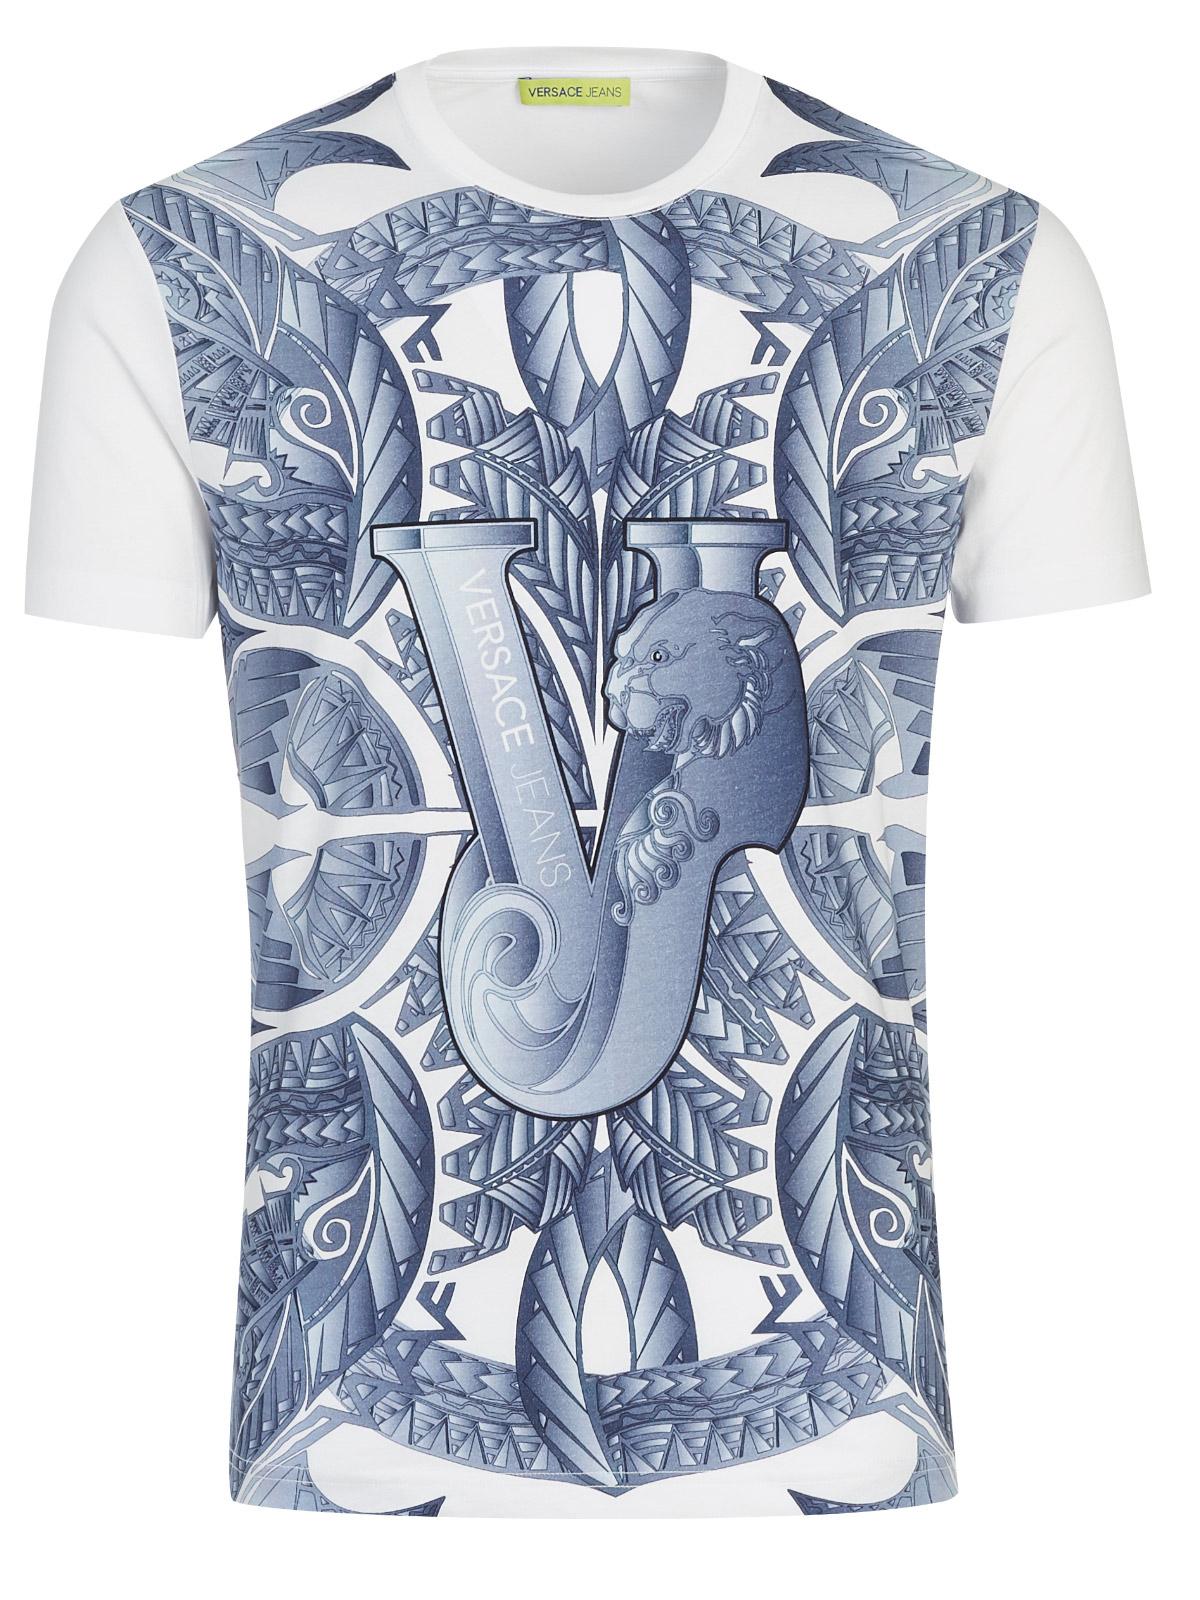 60018c70 Versace Jeans T Shirts